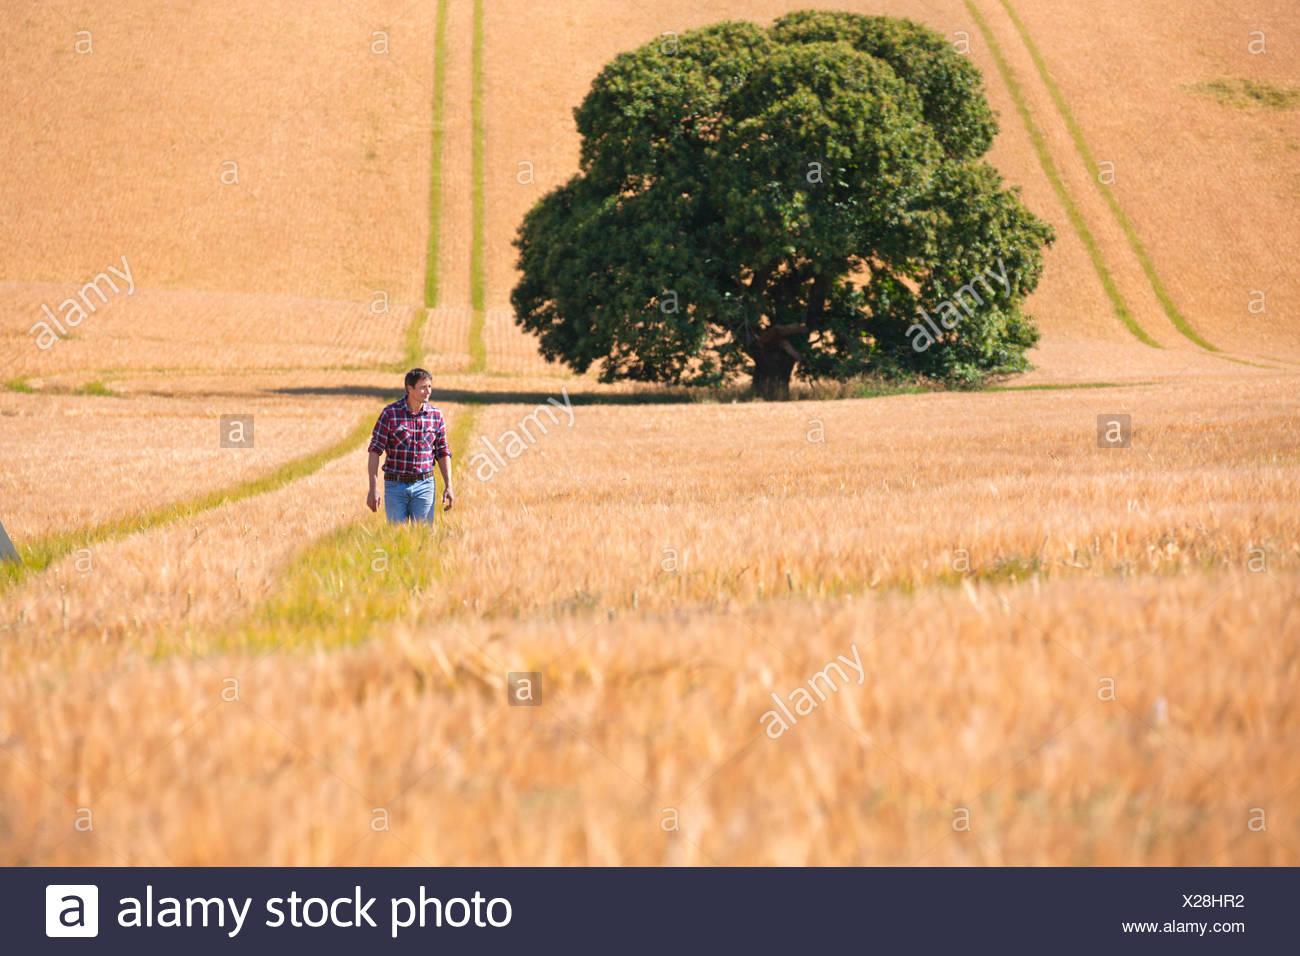 Caminando en agricultor rural soleado campo de cultivo de cebada en verano Imagen De Stock